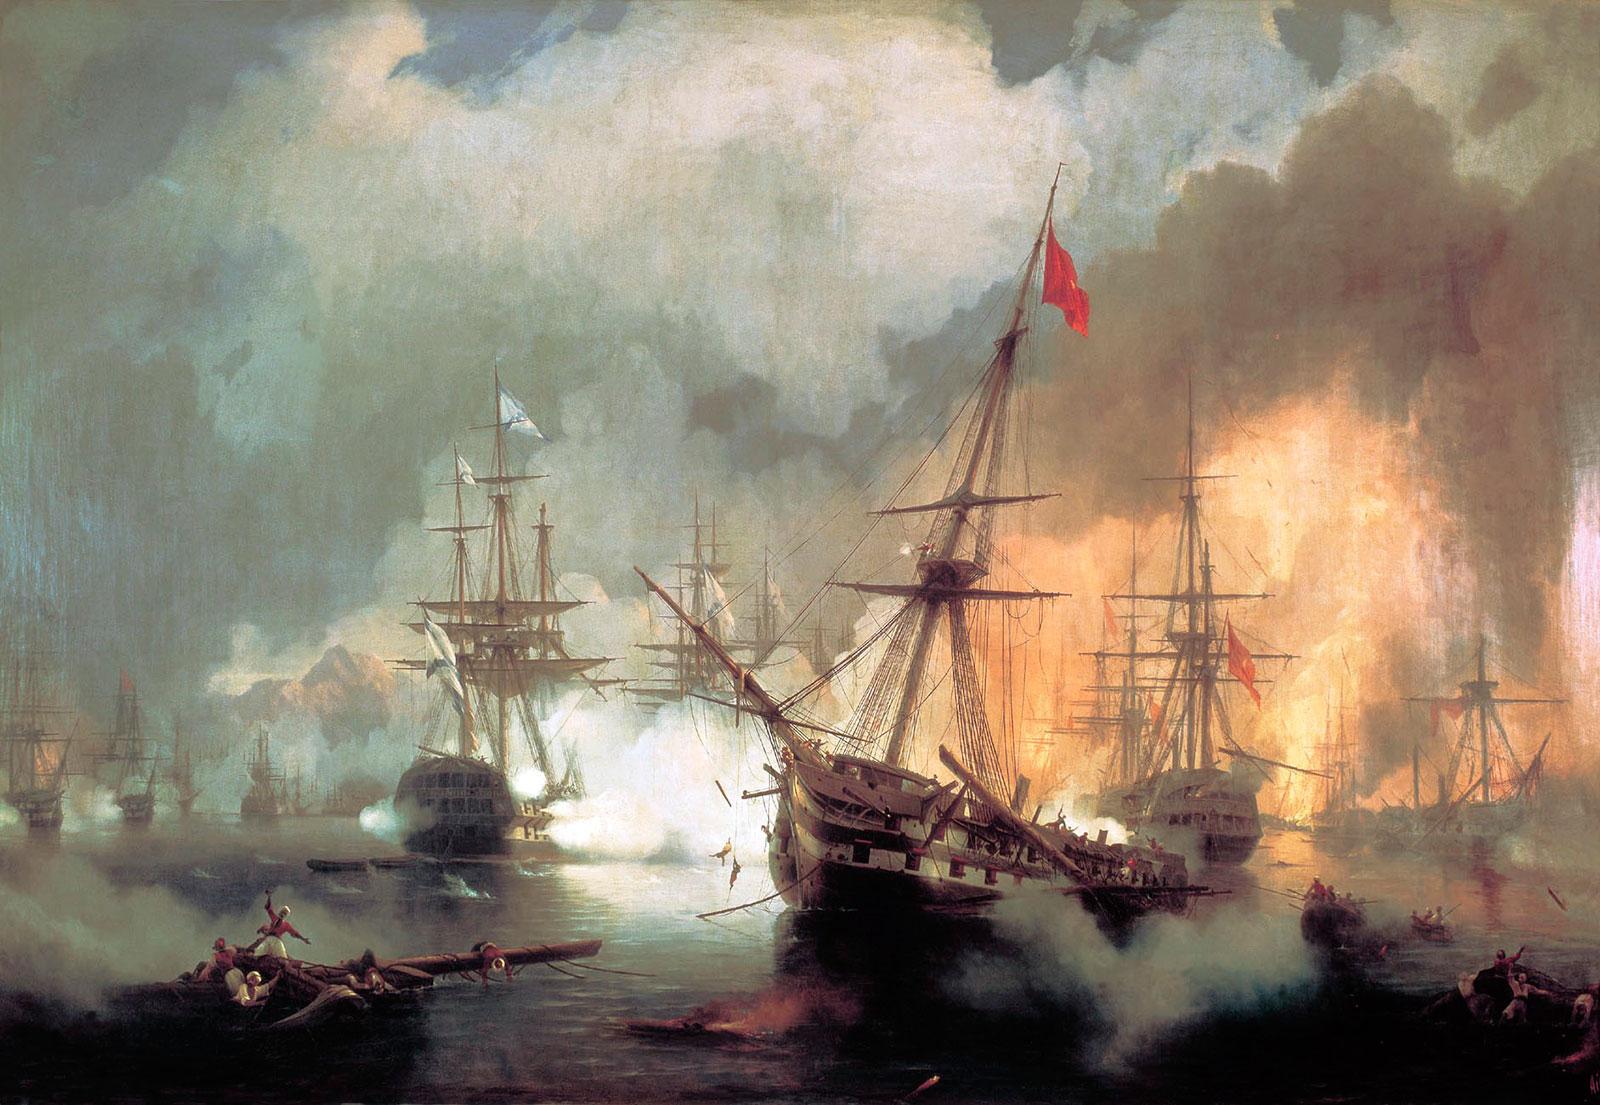 5-Η-Ναυμαχία-του-Ναυαρίνου,-Ιβάν-Αϊβαζόφσκι-1-Ιανουαρίου-1846